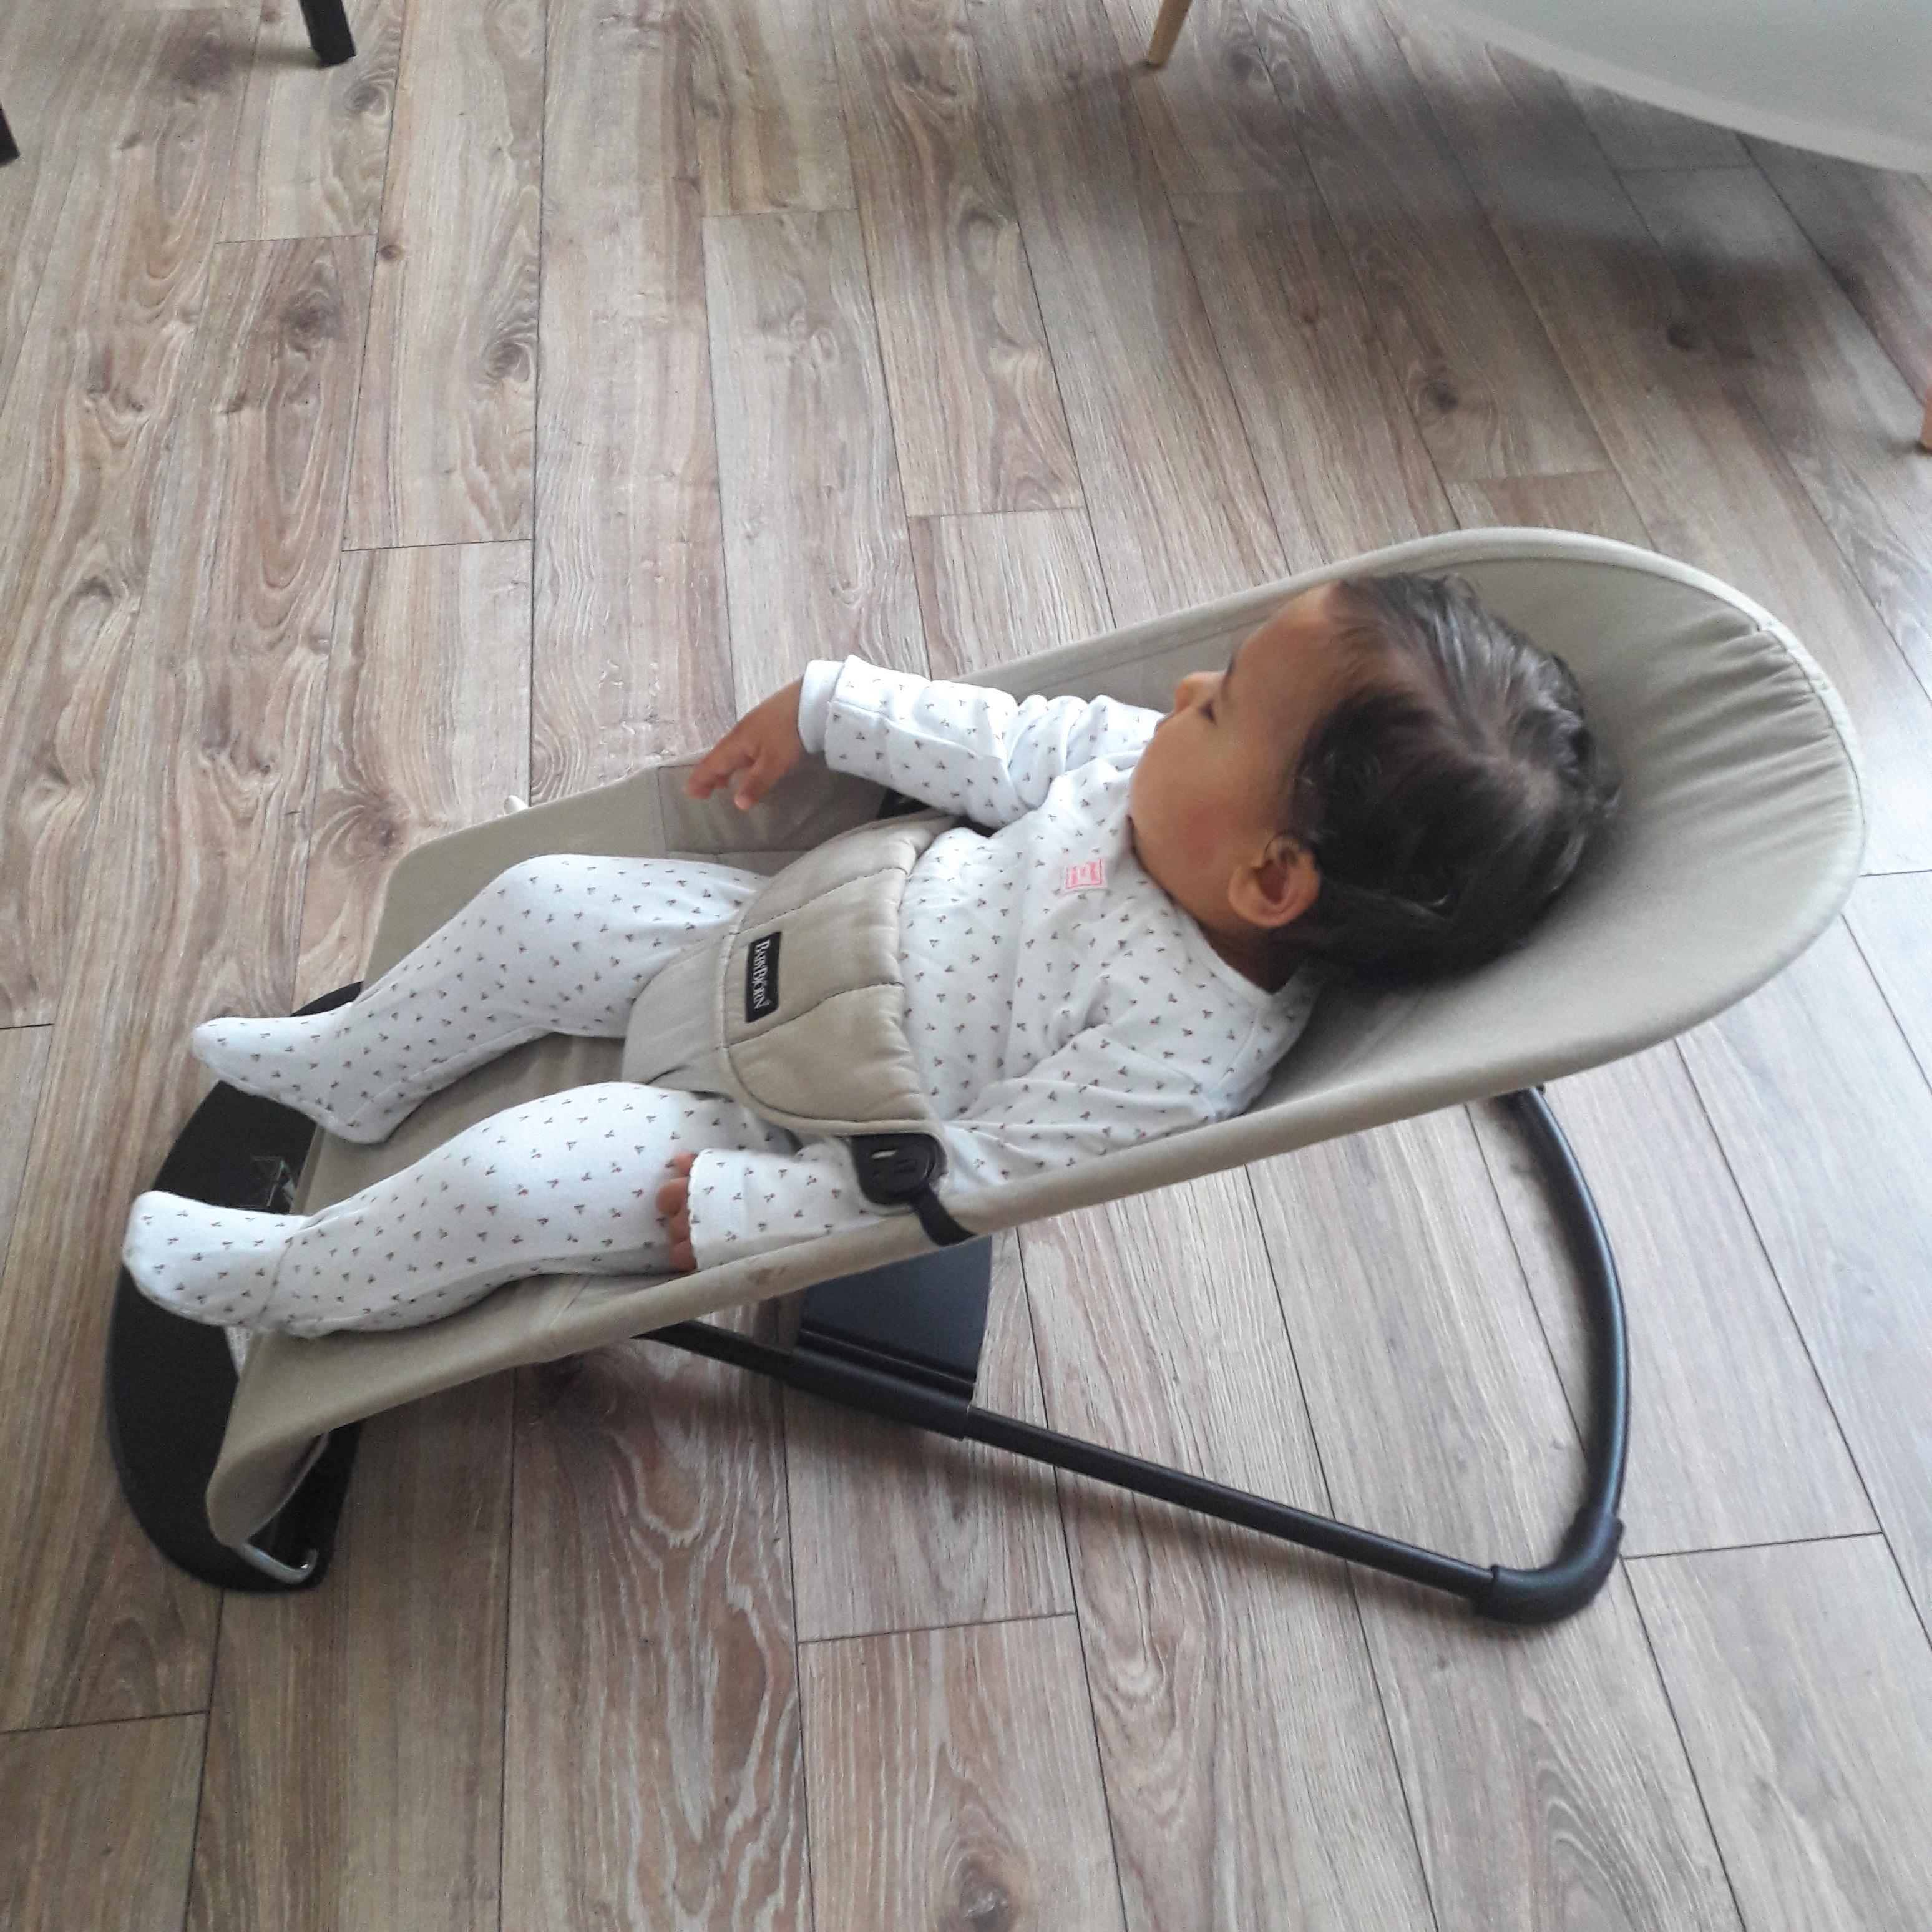 Ces trucs que j ai achetés à prix d or pour que mes enfants dorment… –  Maman BCBG 465cc2dd74c